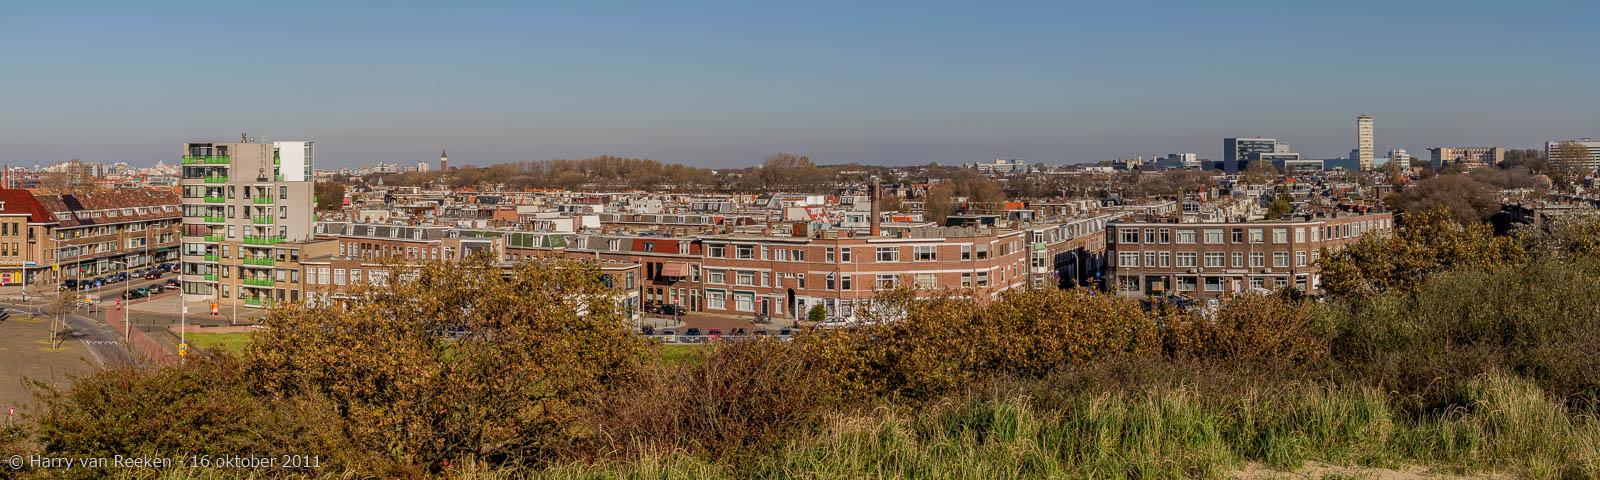 Kranenburgweg - Statenkwartier-1